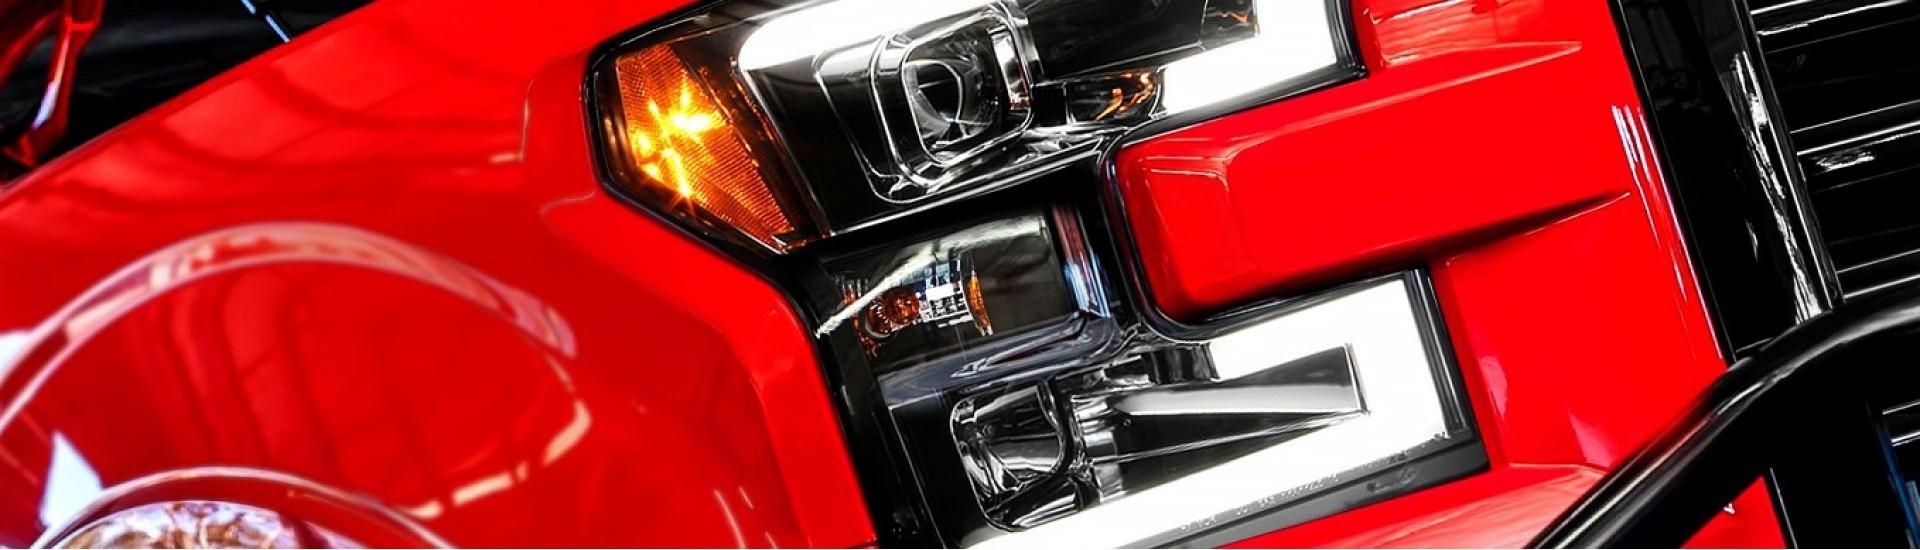 چراغ ، قیمت چراغ ، چراغ فابریک ، automotive lighting